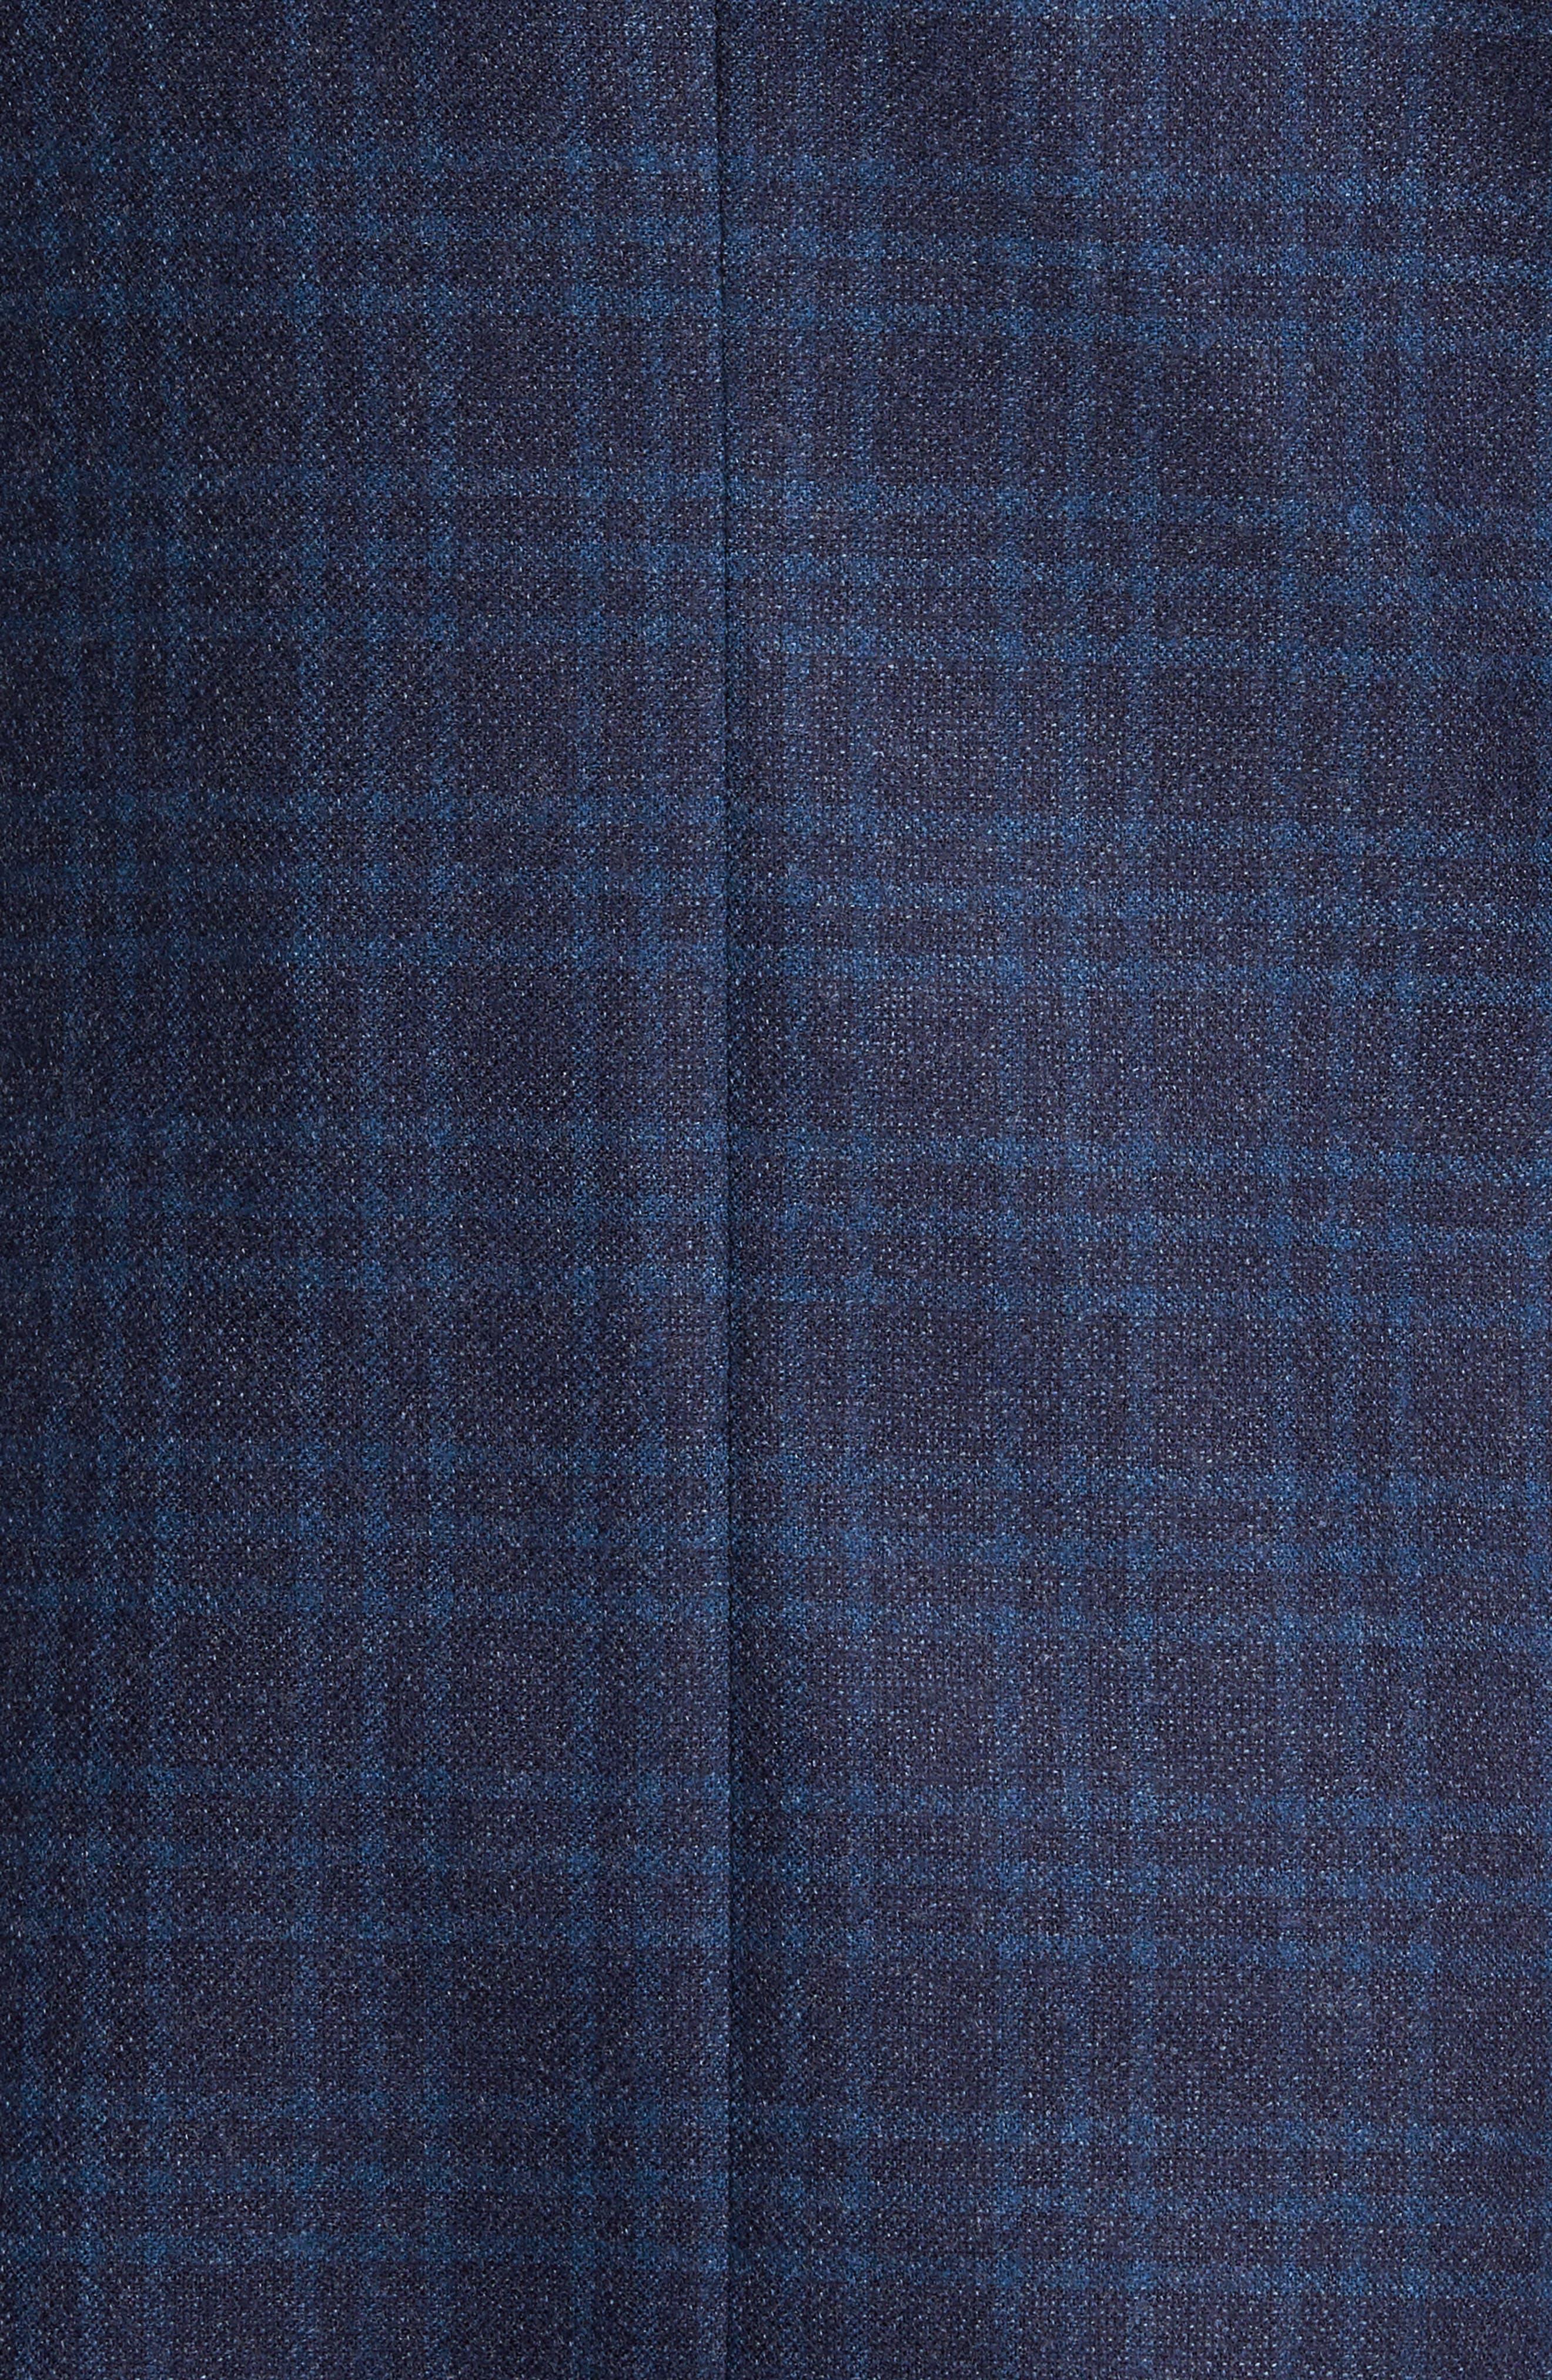 Trim Fit Plaid Wool Sport Coat,                             Alternate thumbnail 6, color,                             400